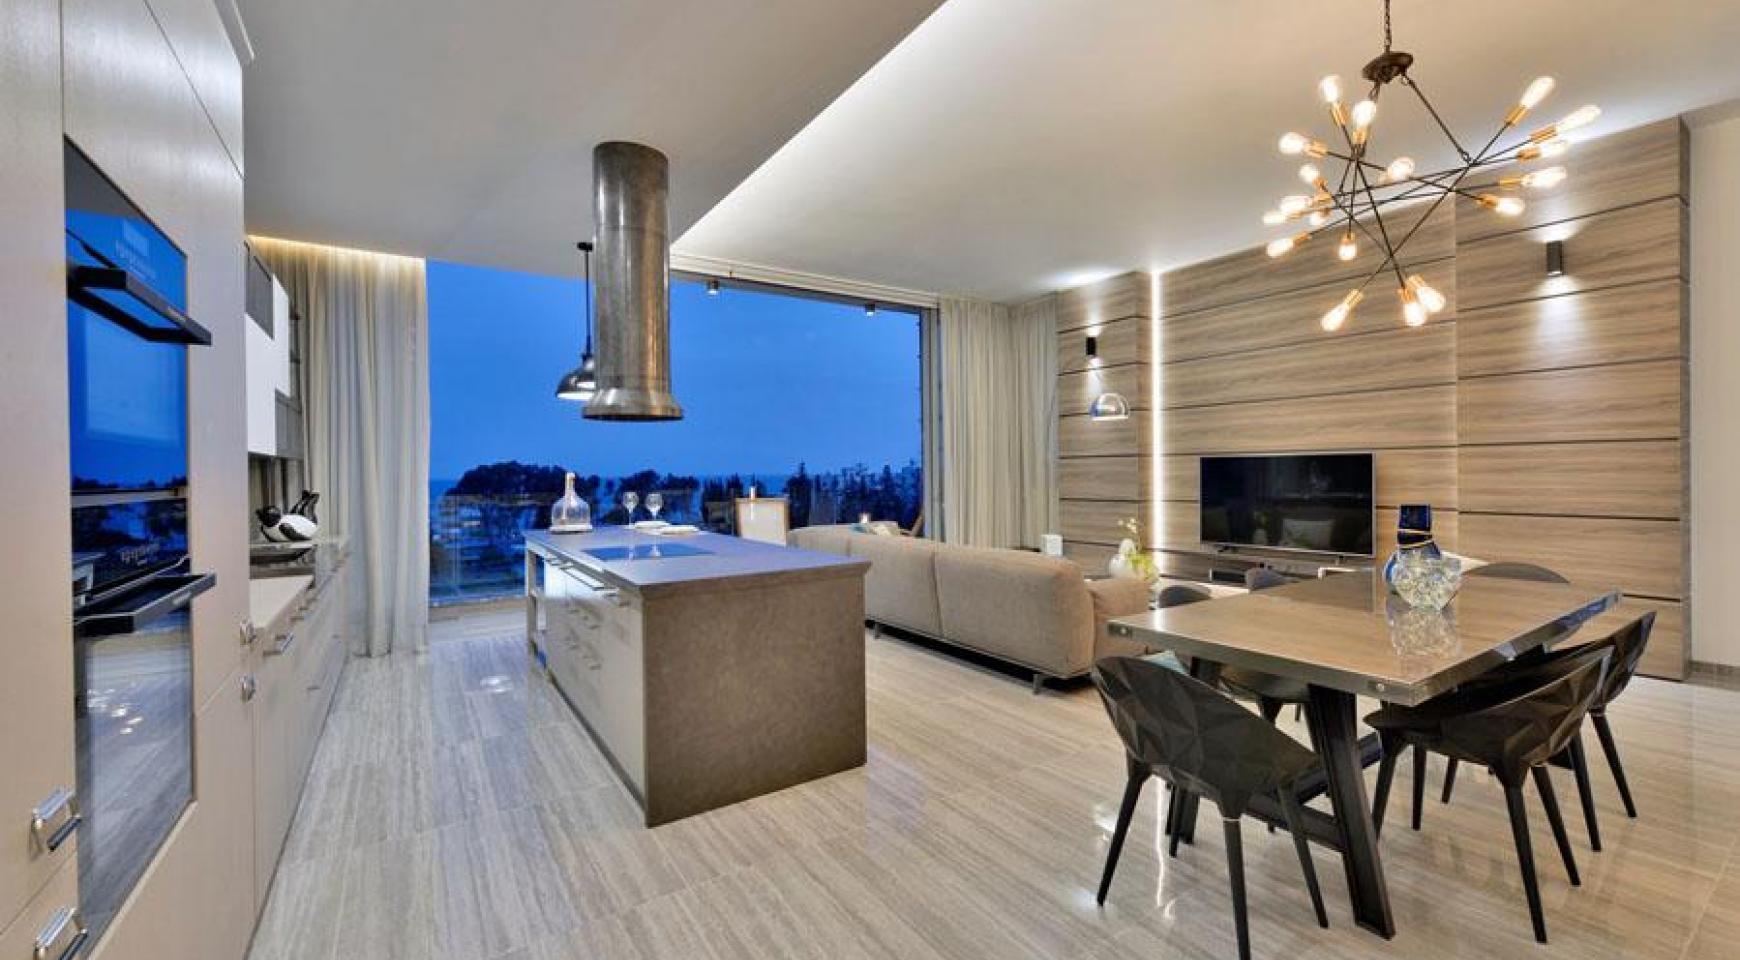 Πολυτελές διαμέρισμα 2 υπνοδωματίων με ταράτσα στο νεόδμητο συγκρότημα - 14